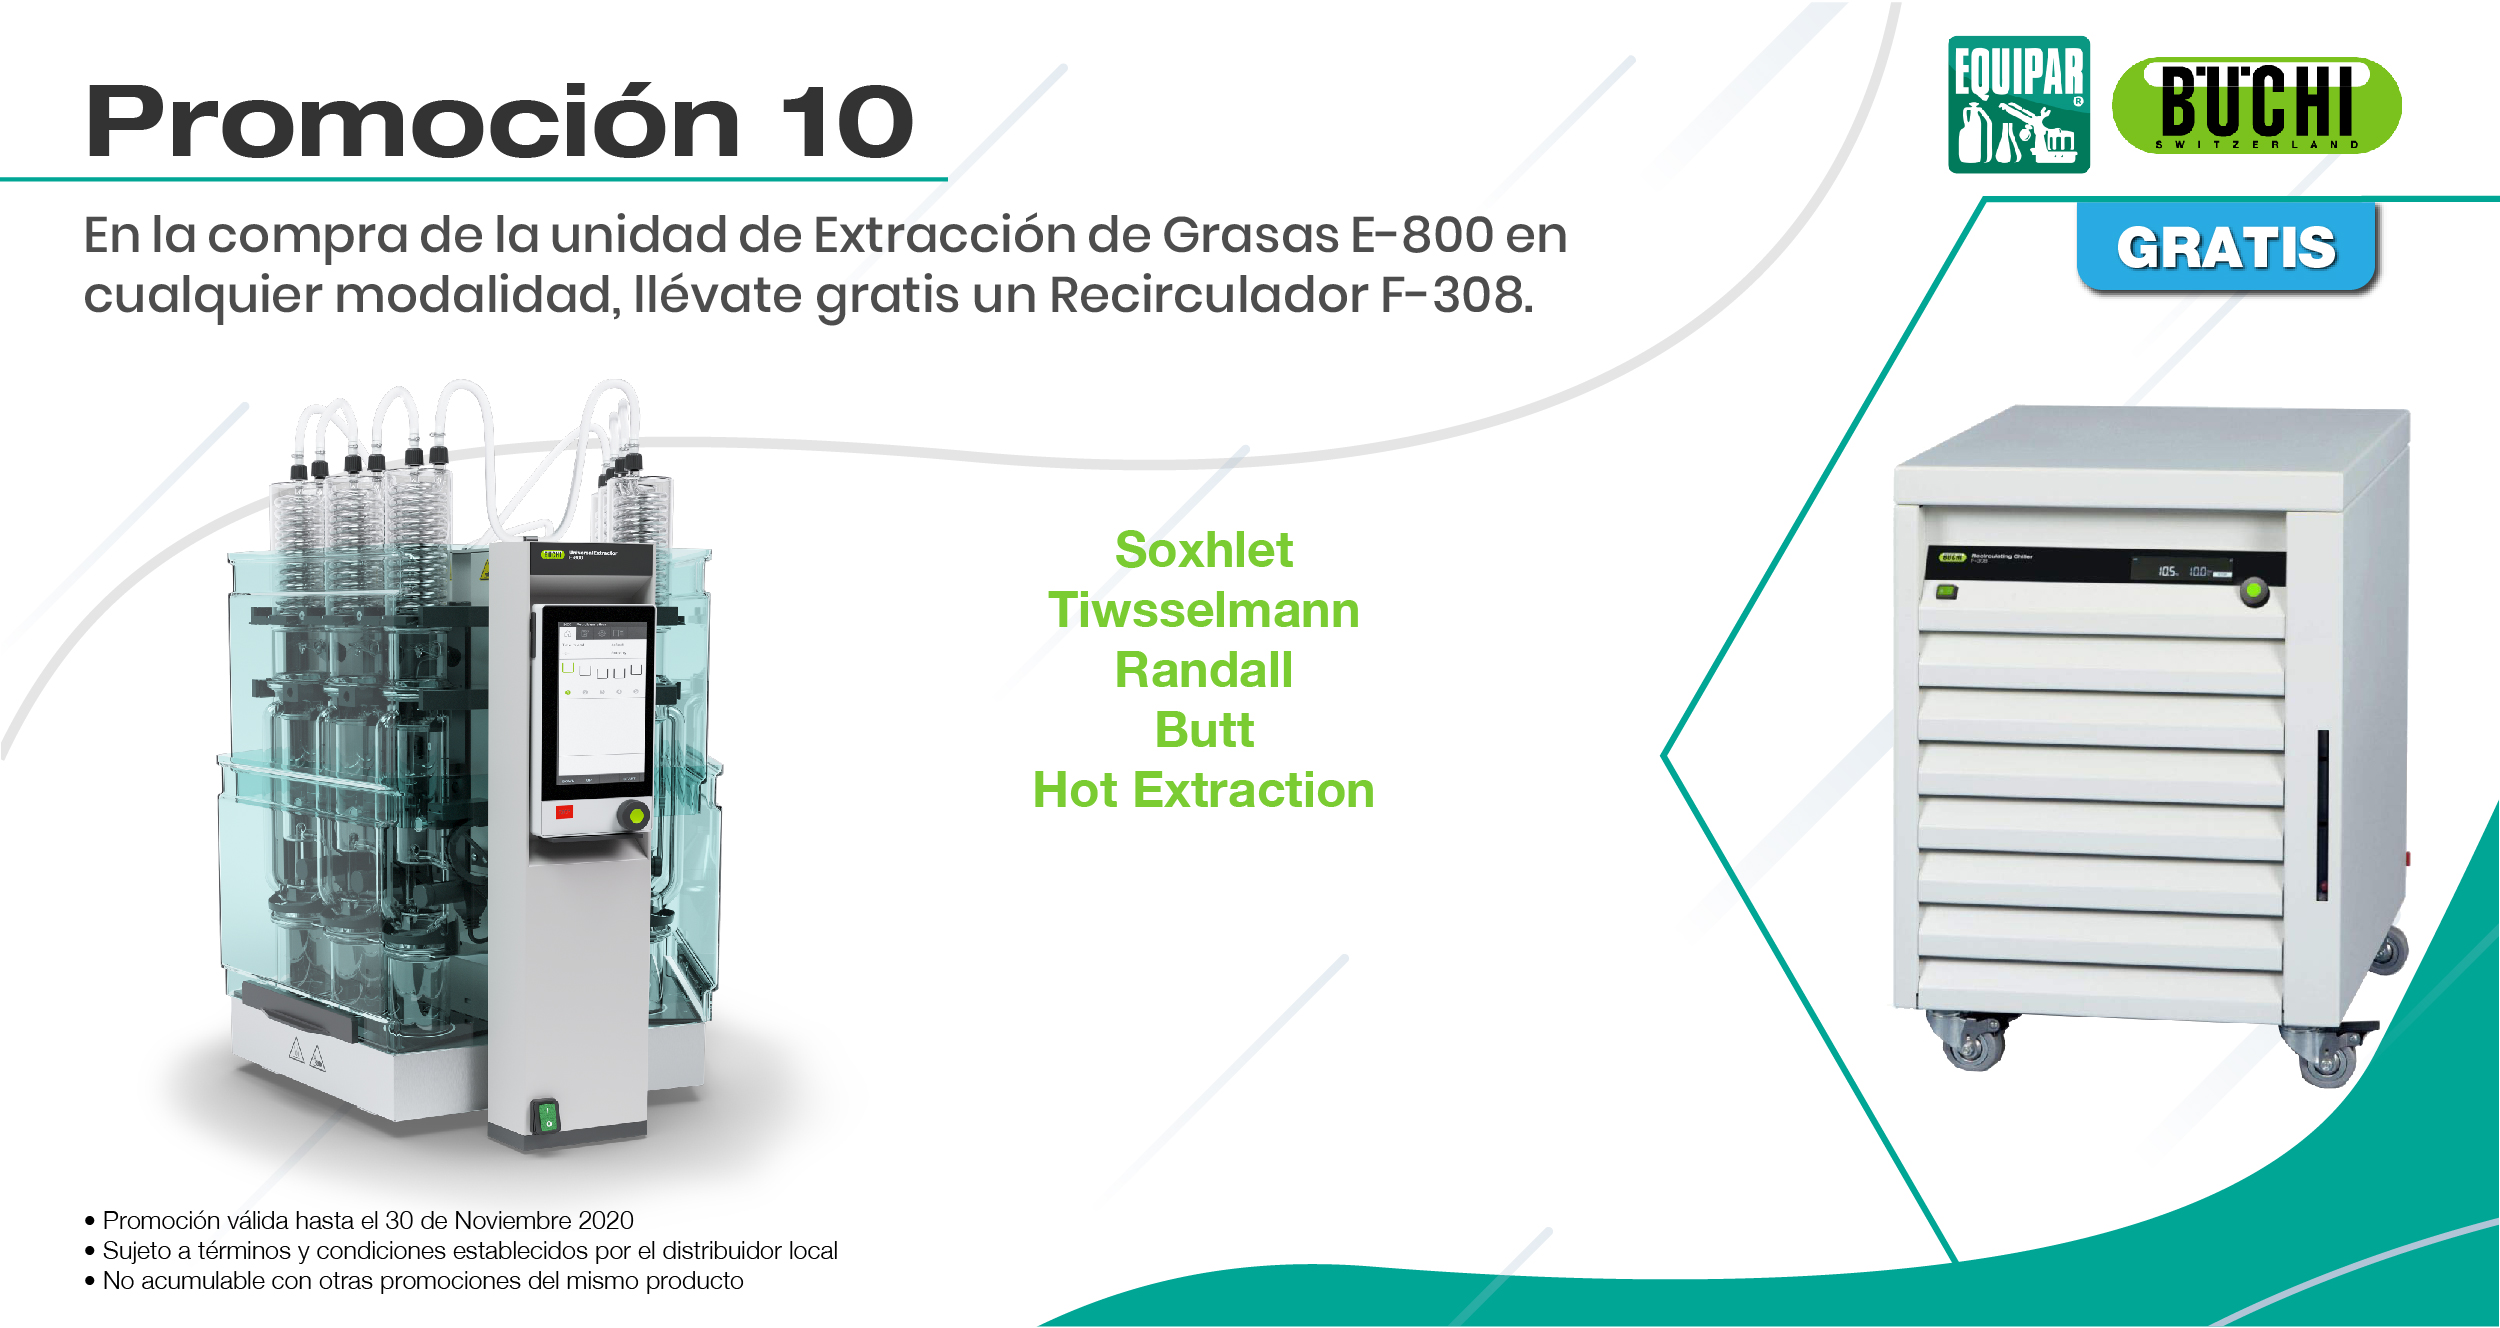 Unidad de Extracción de Grasas E-800 Image